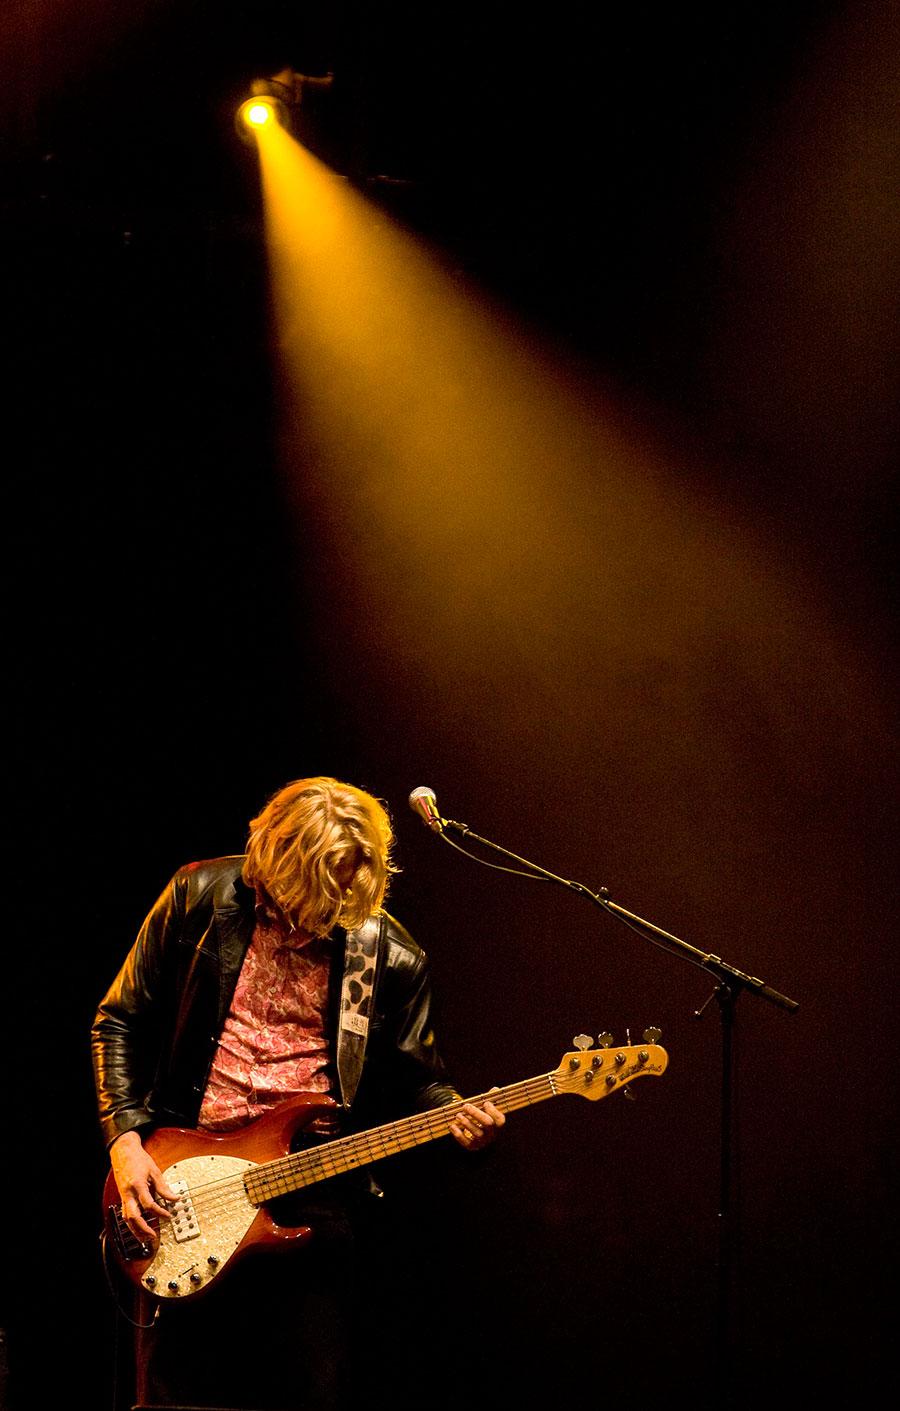 Ocki Klootwijk basgitaar. Hurricane Bob is de bluesband met Ben Blaauw, Ocki Klootwijk en Arie Verhaar.